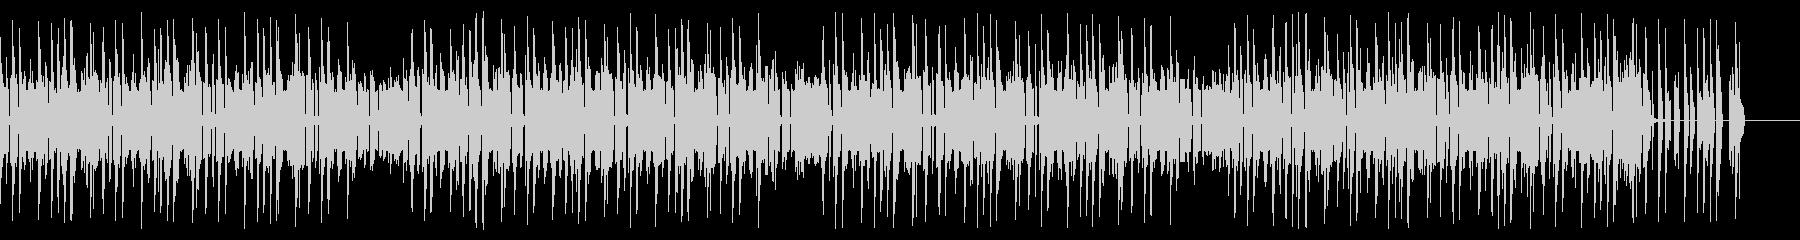 レトロゲーム風チップチューンの未再生の波形